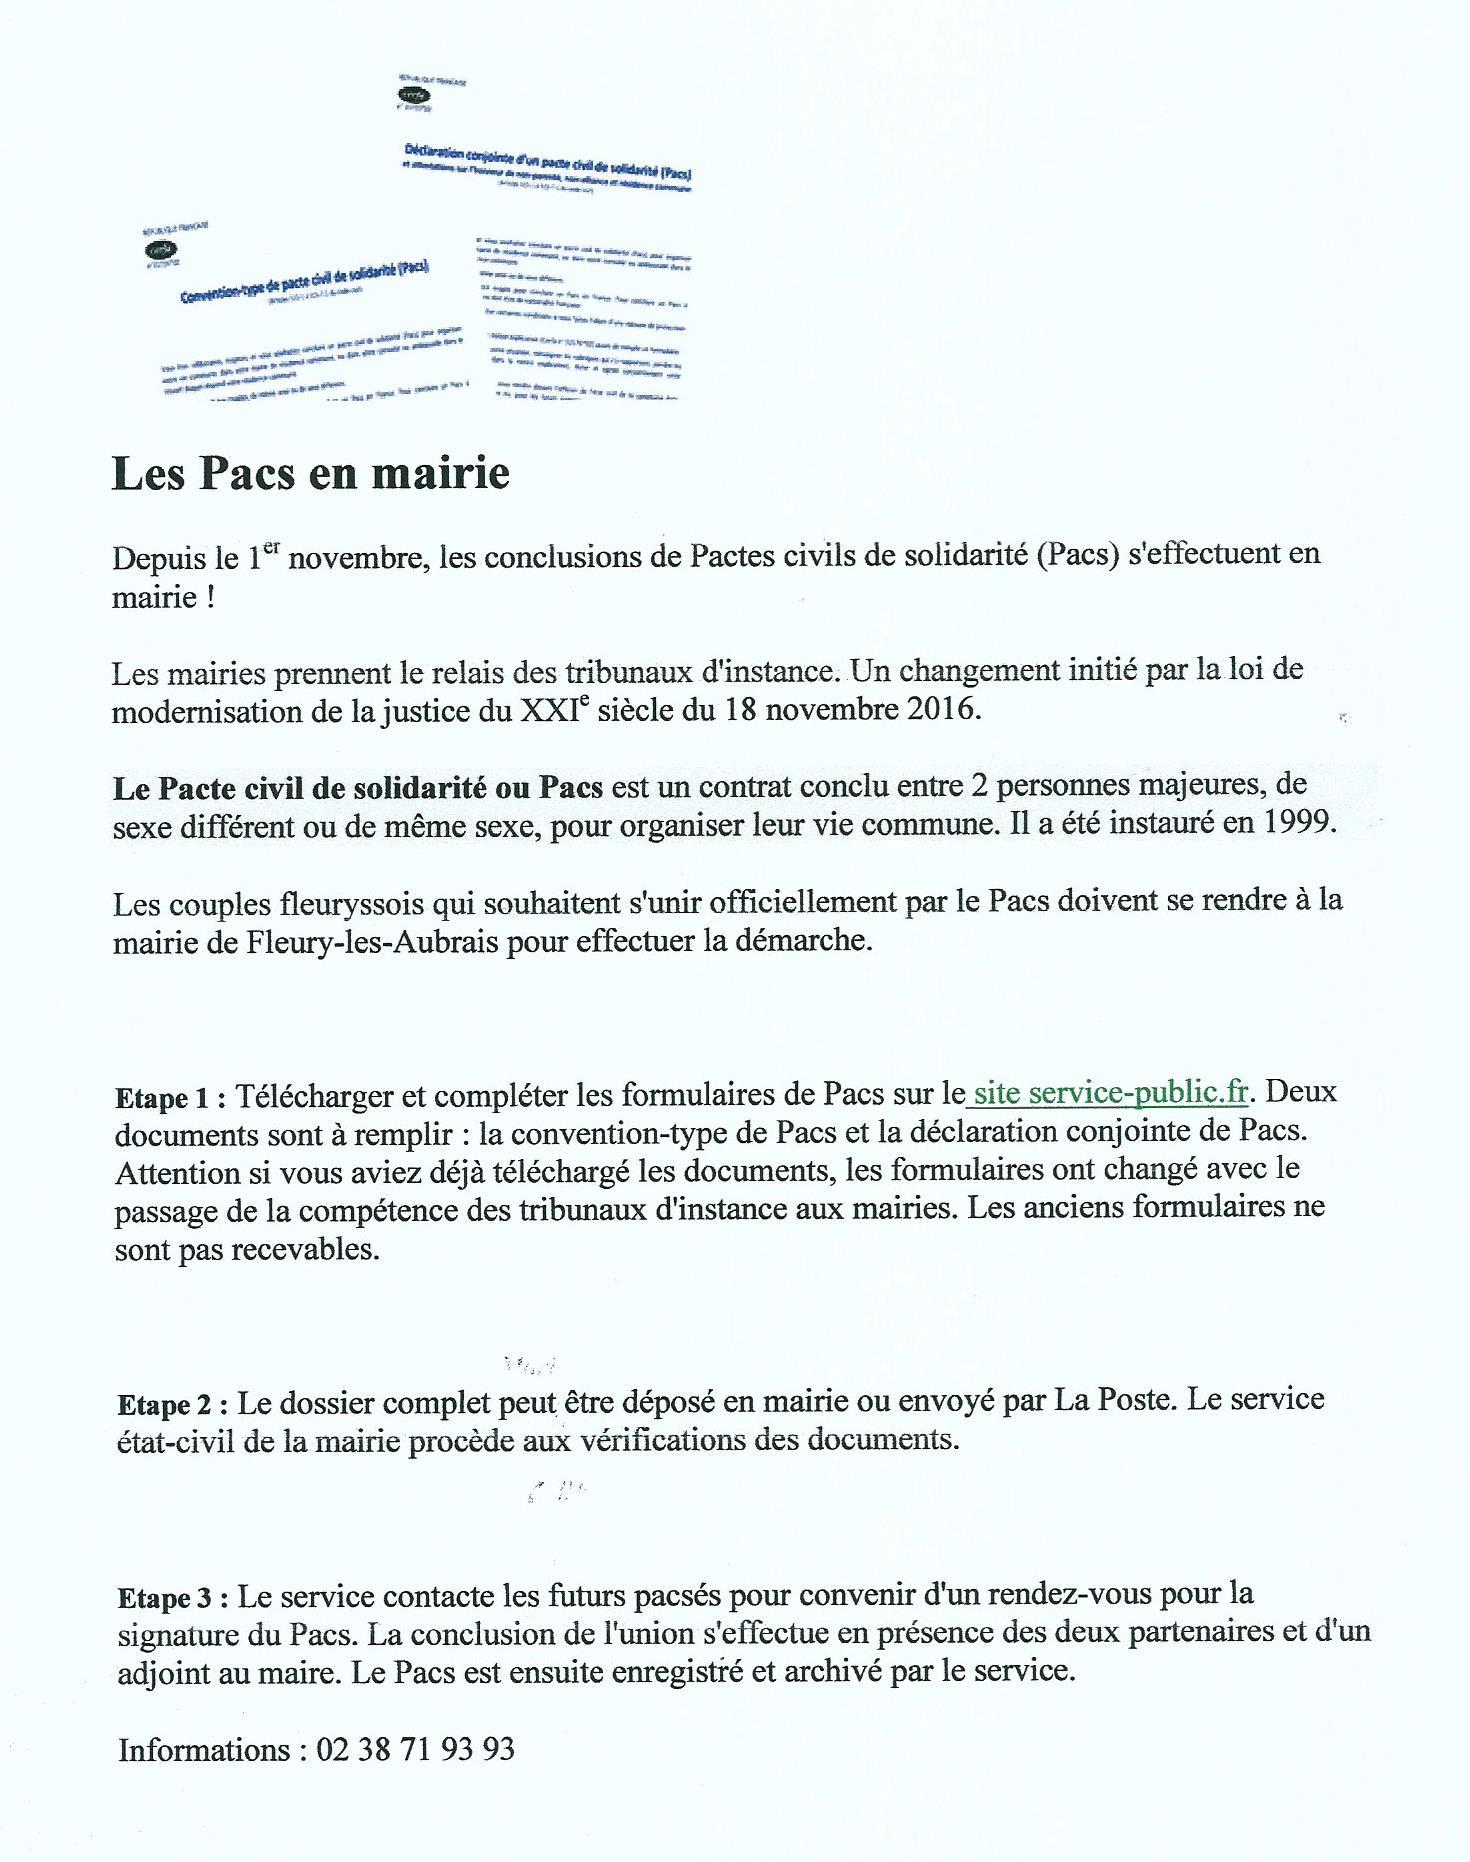 Scan Communiqué de presse LES PACS en MAIRIE 2017 (07.11.2017).jpg